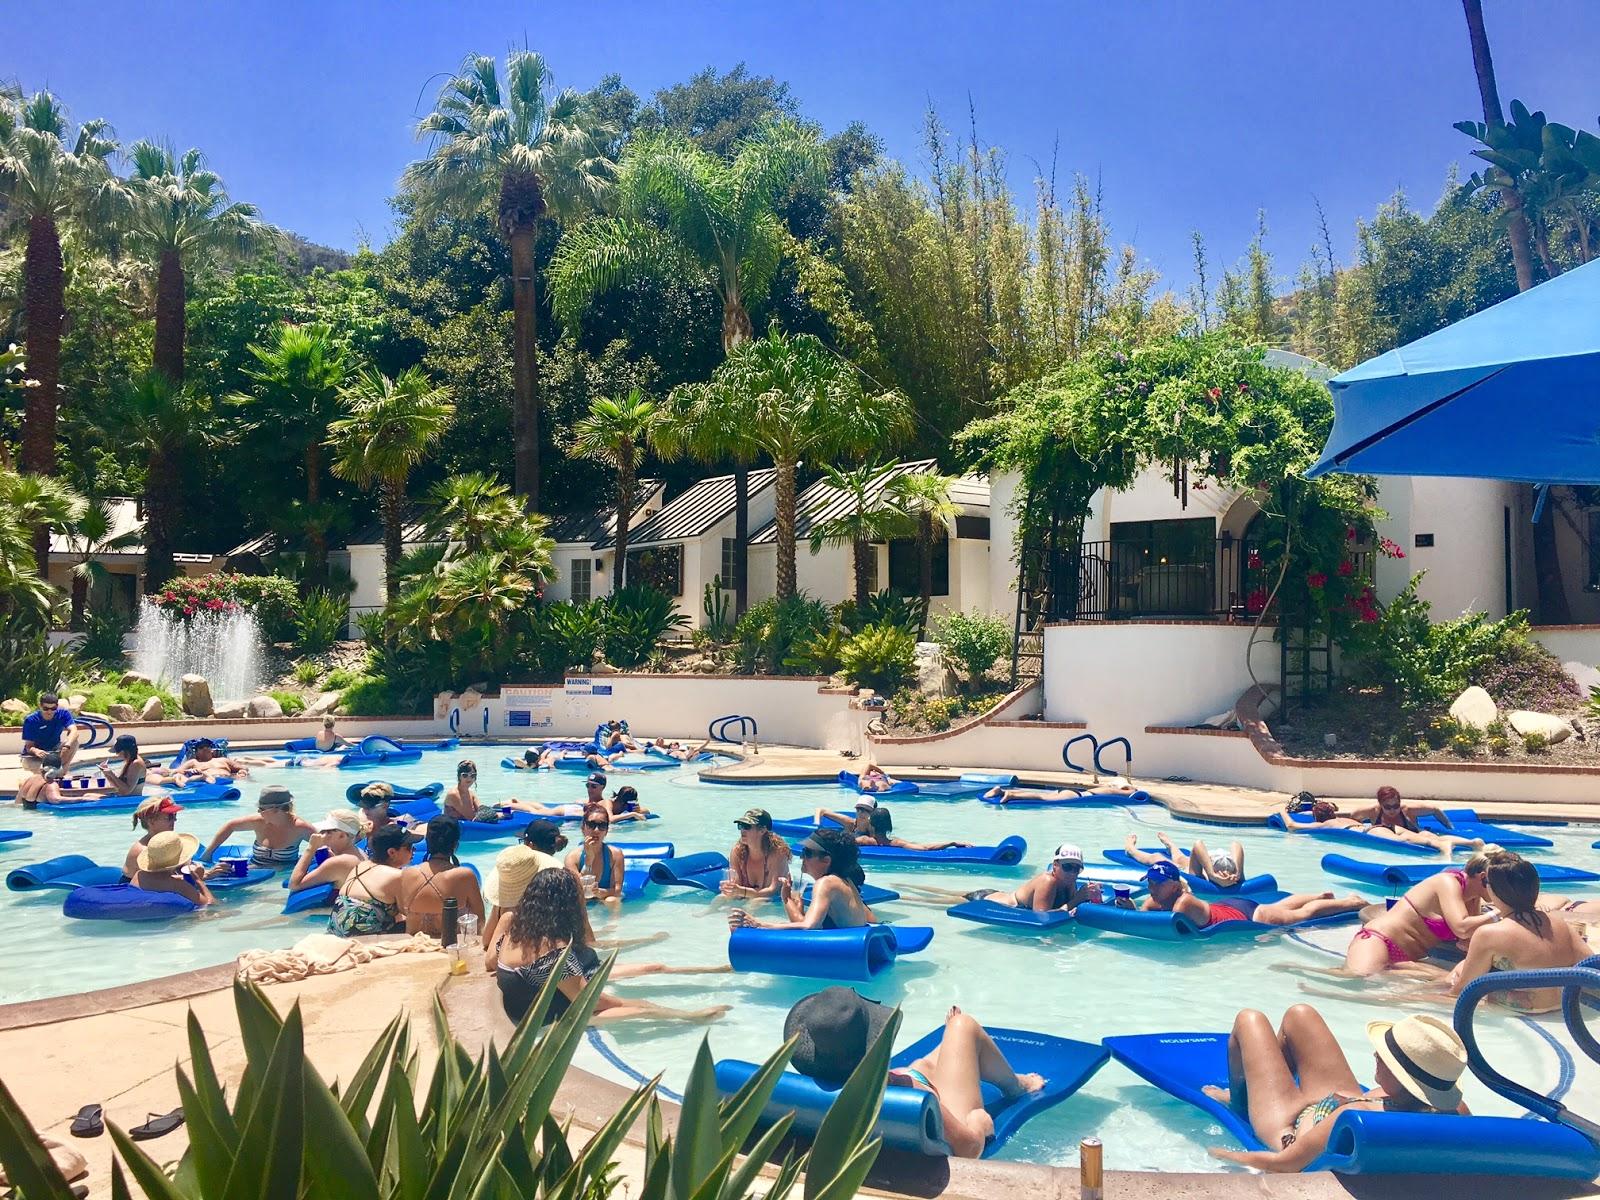 Glen Ivy Pool